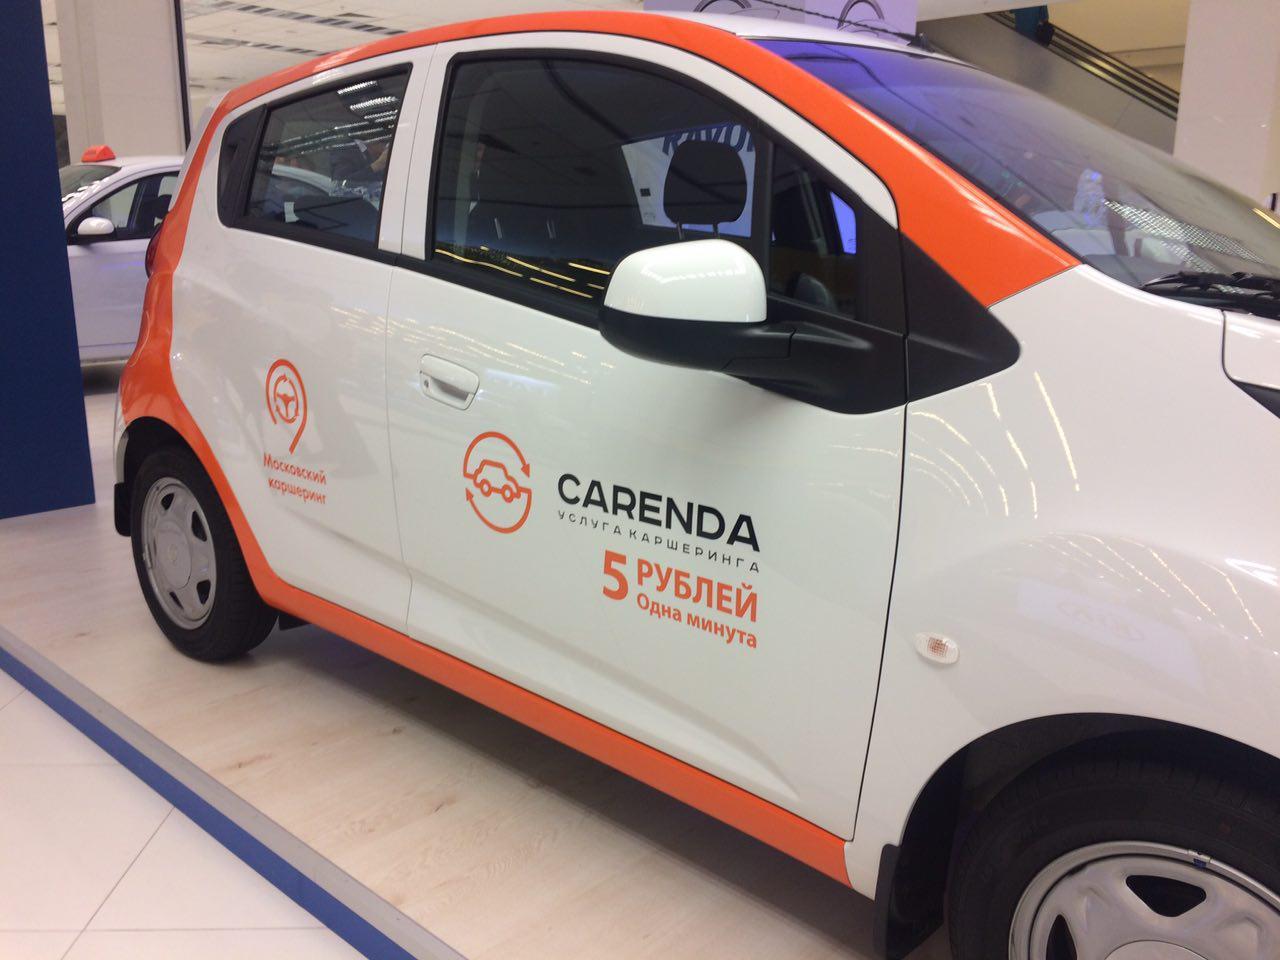 Каршеринг Carenda в Москве